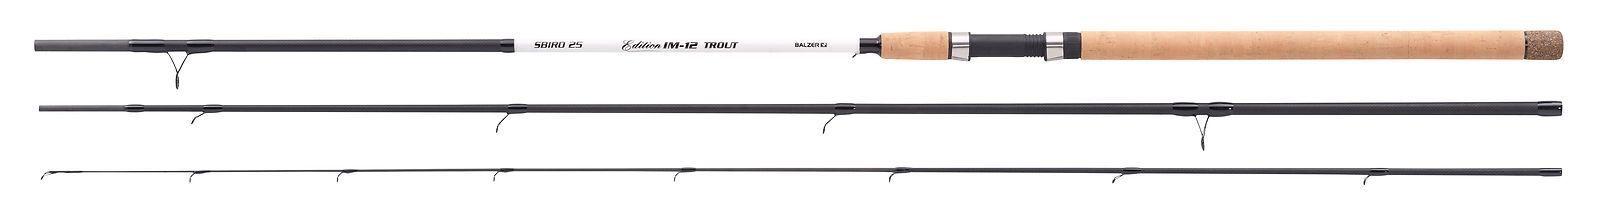 Balzer Edition im12 Trout sbiro 55 360cm 15-55g